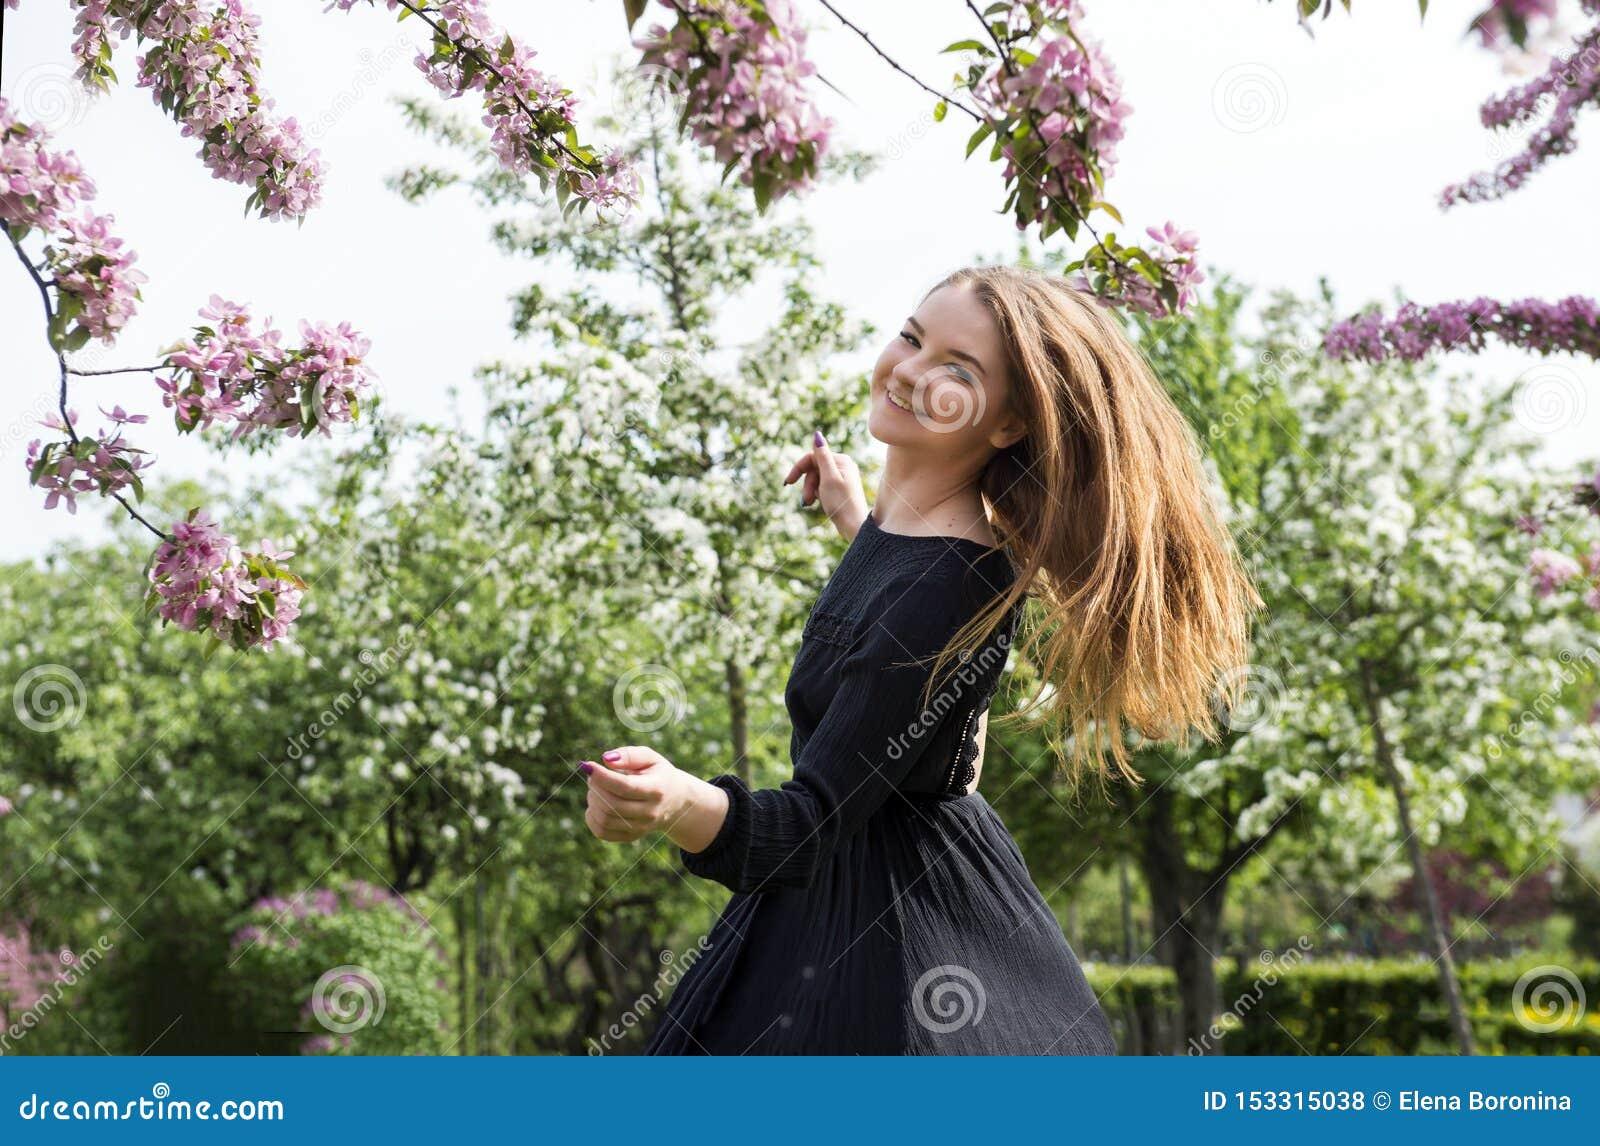 1 wit meisje met lang haar in een zwarte kleding die in een bloeiende Apple-boomgaard, meisje het glimlachen spinnen